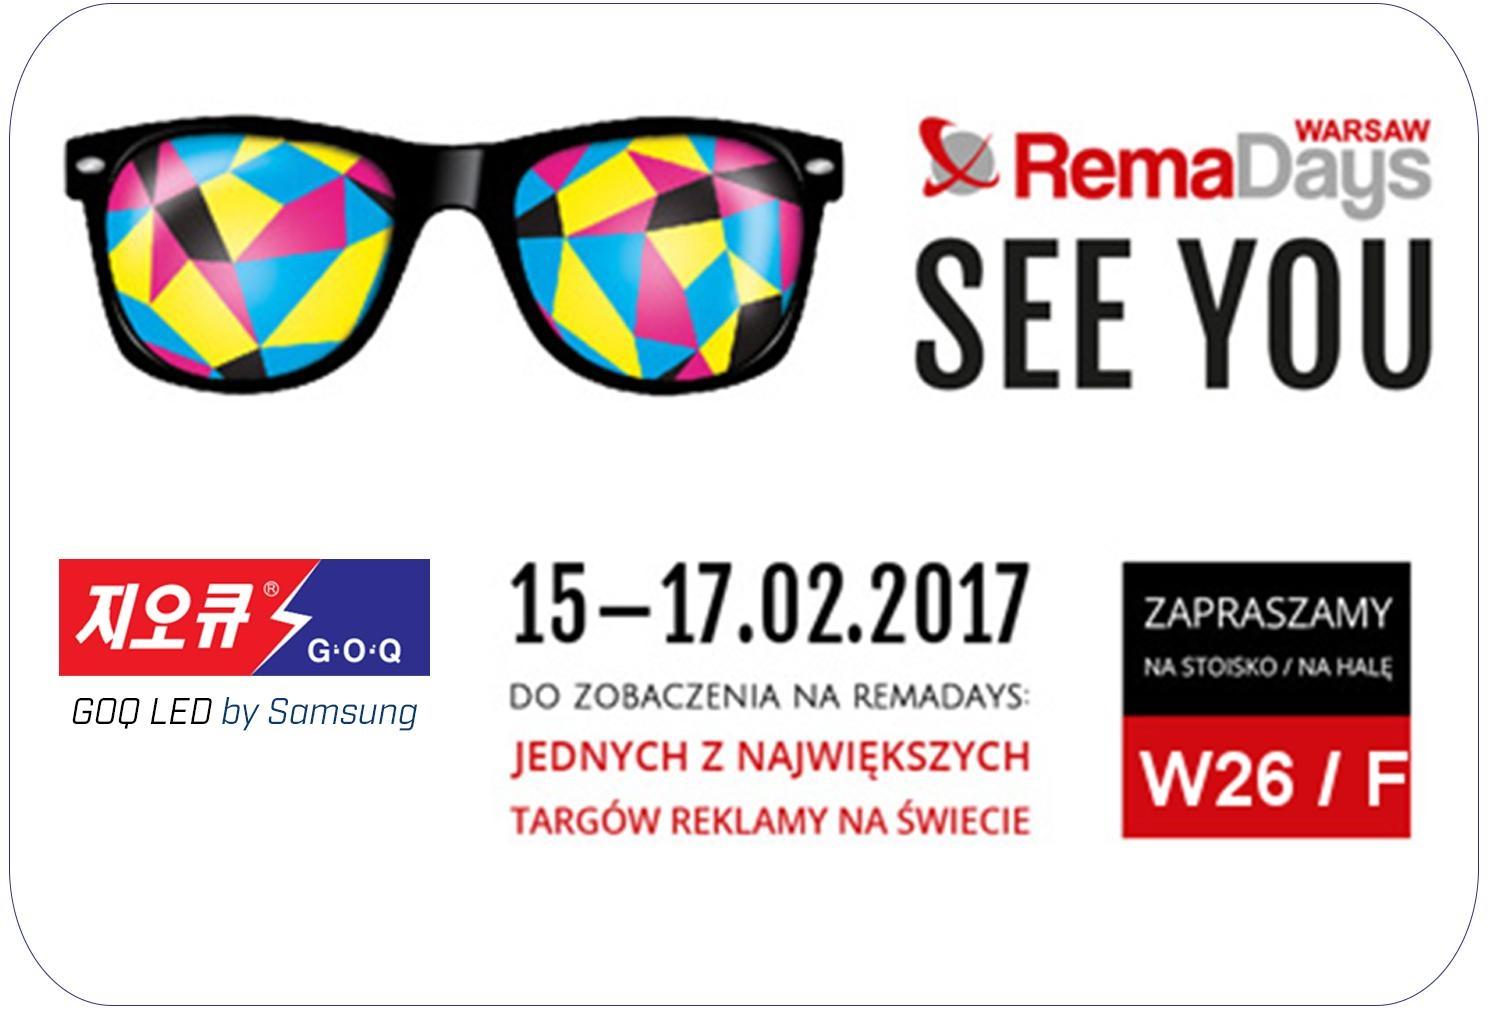 Targi reklamy RemaDays 2017 w Warszawie!